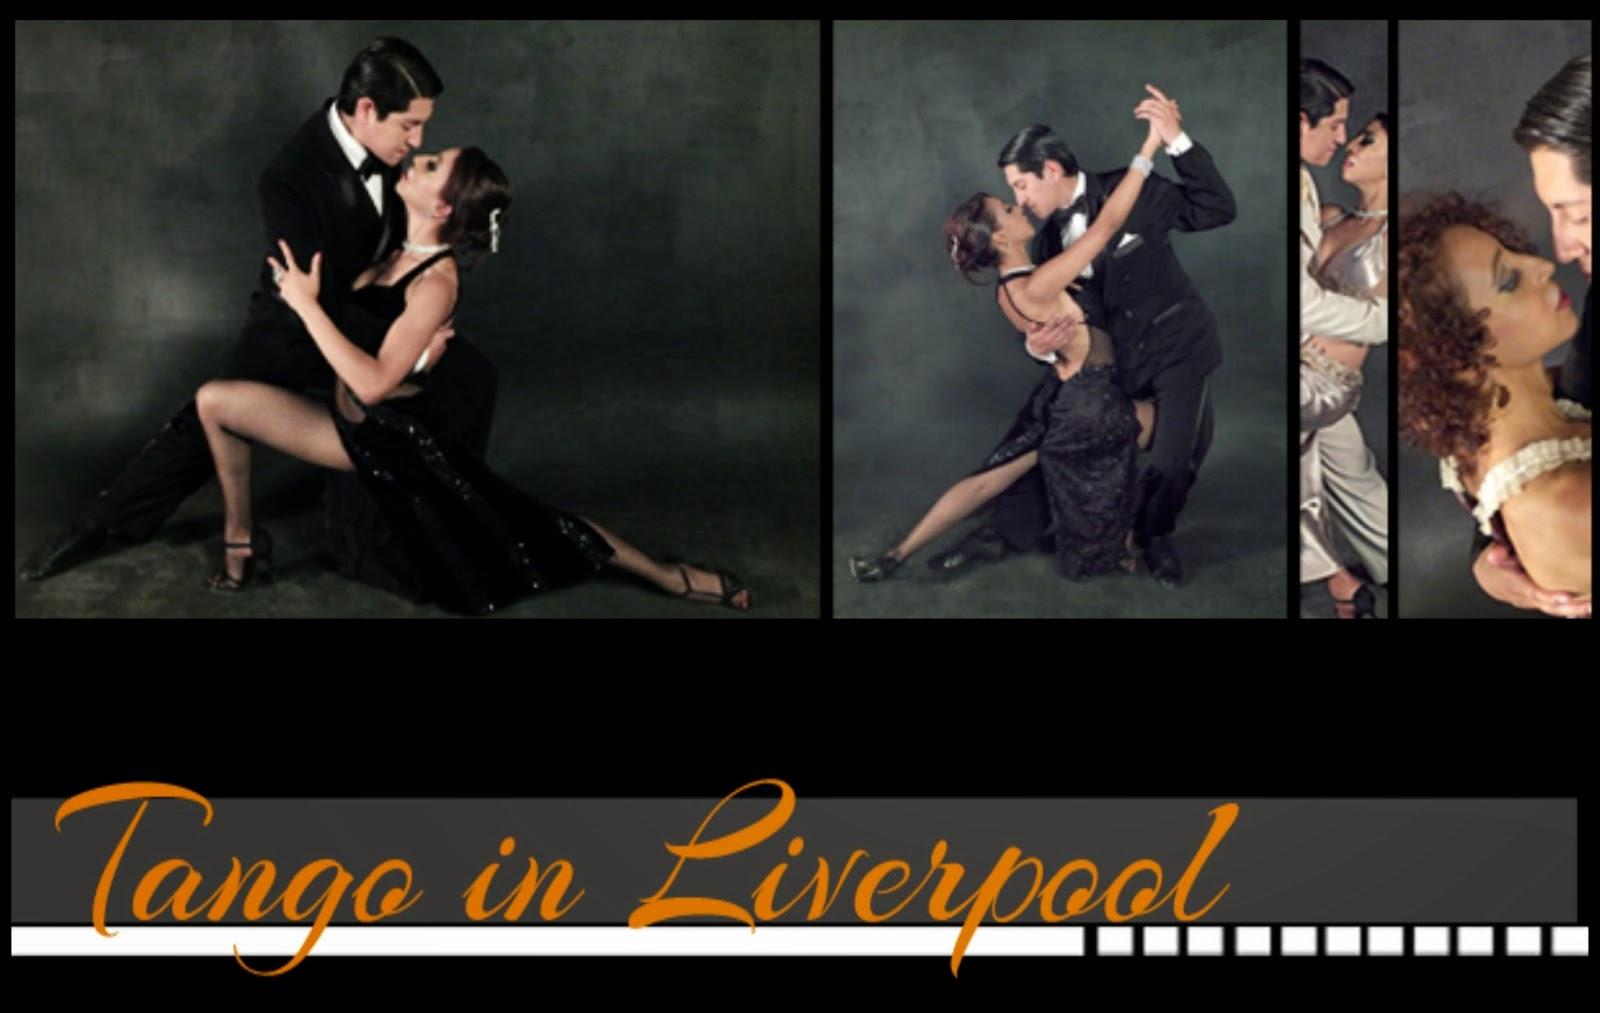 http://liverpooltango.blogspot.co.uk/